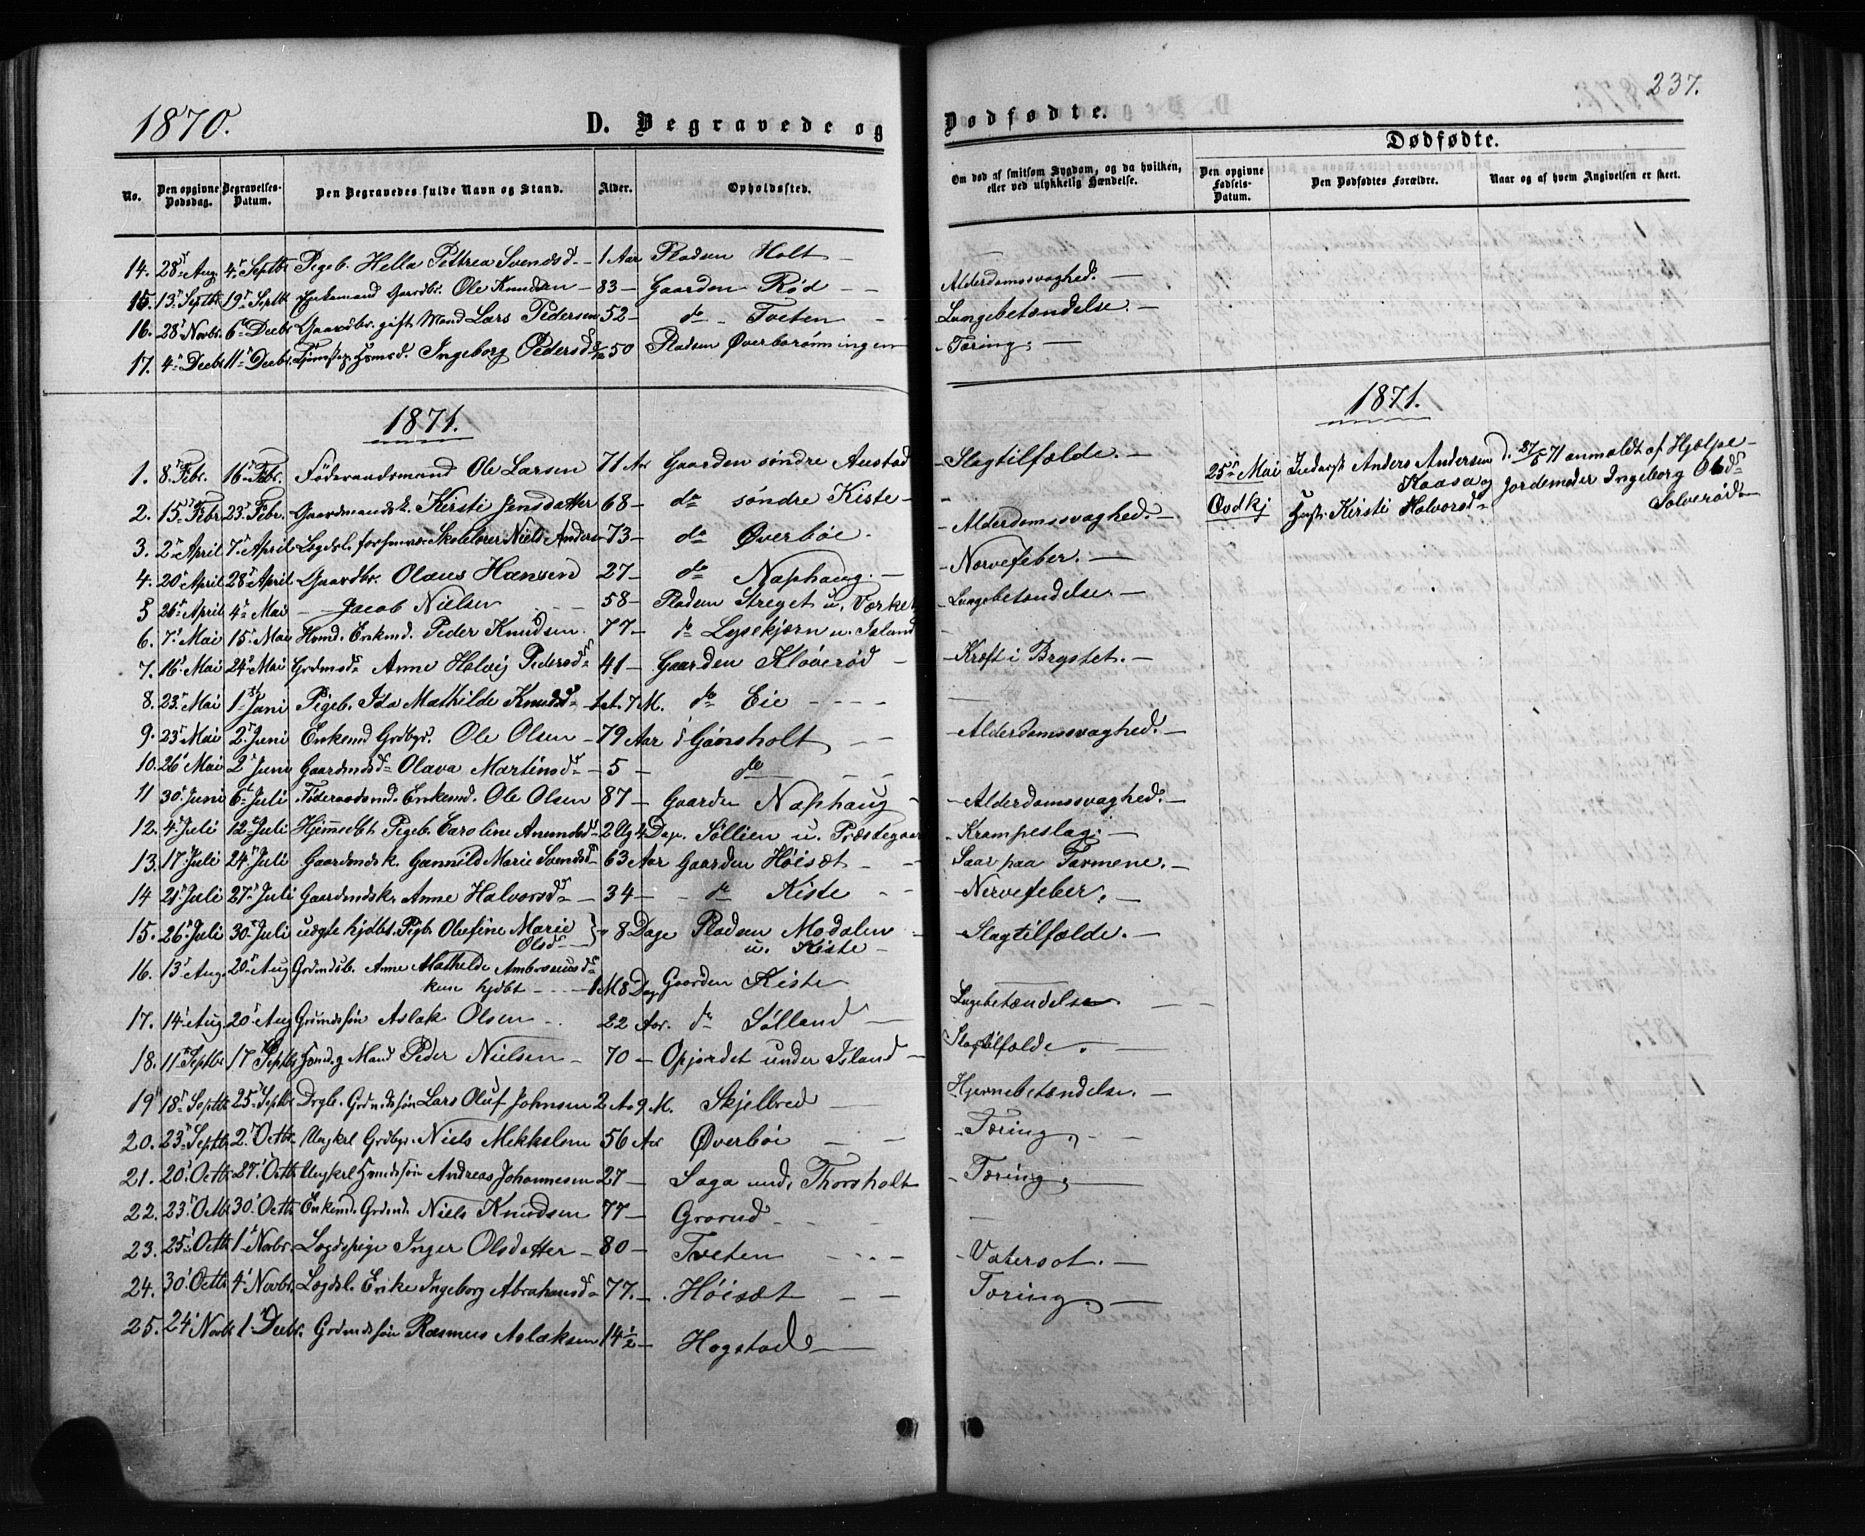 SAKO, Siljan kirkebøker, G/Ga/L0002: Klokkerbok nr. 2, 1864-1908, s. 237